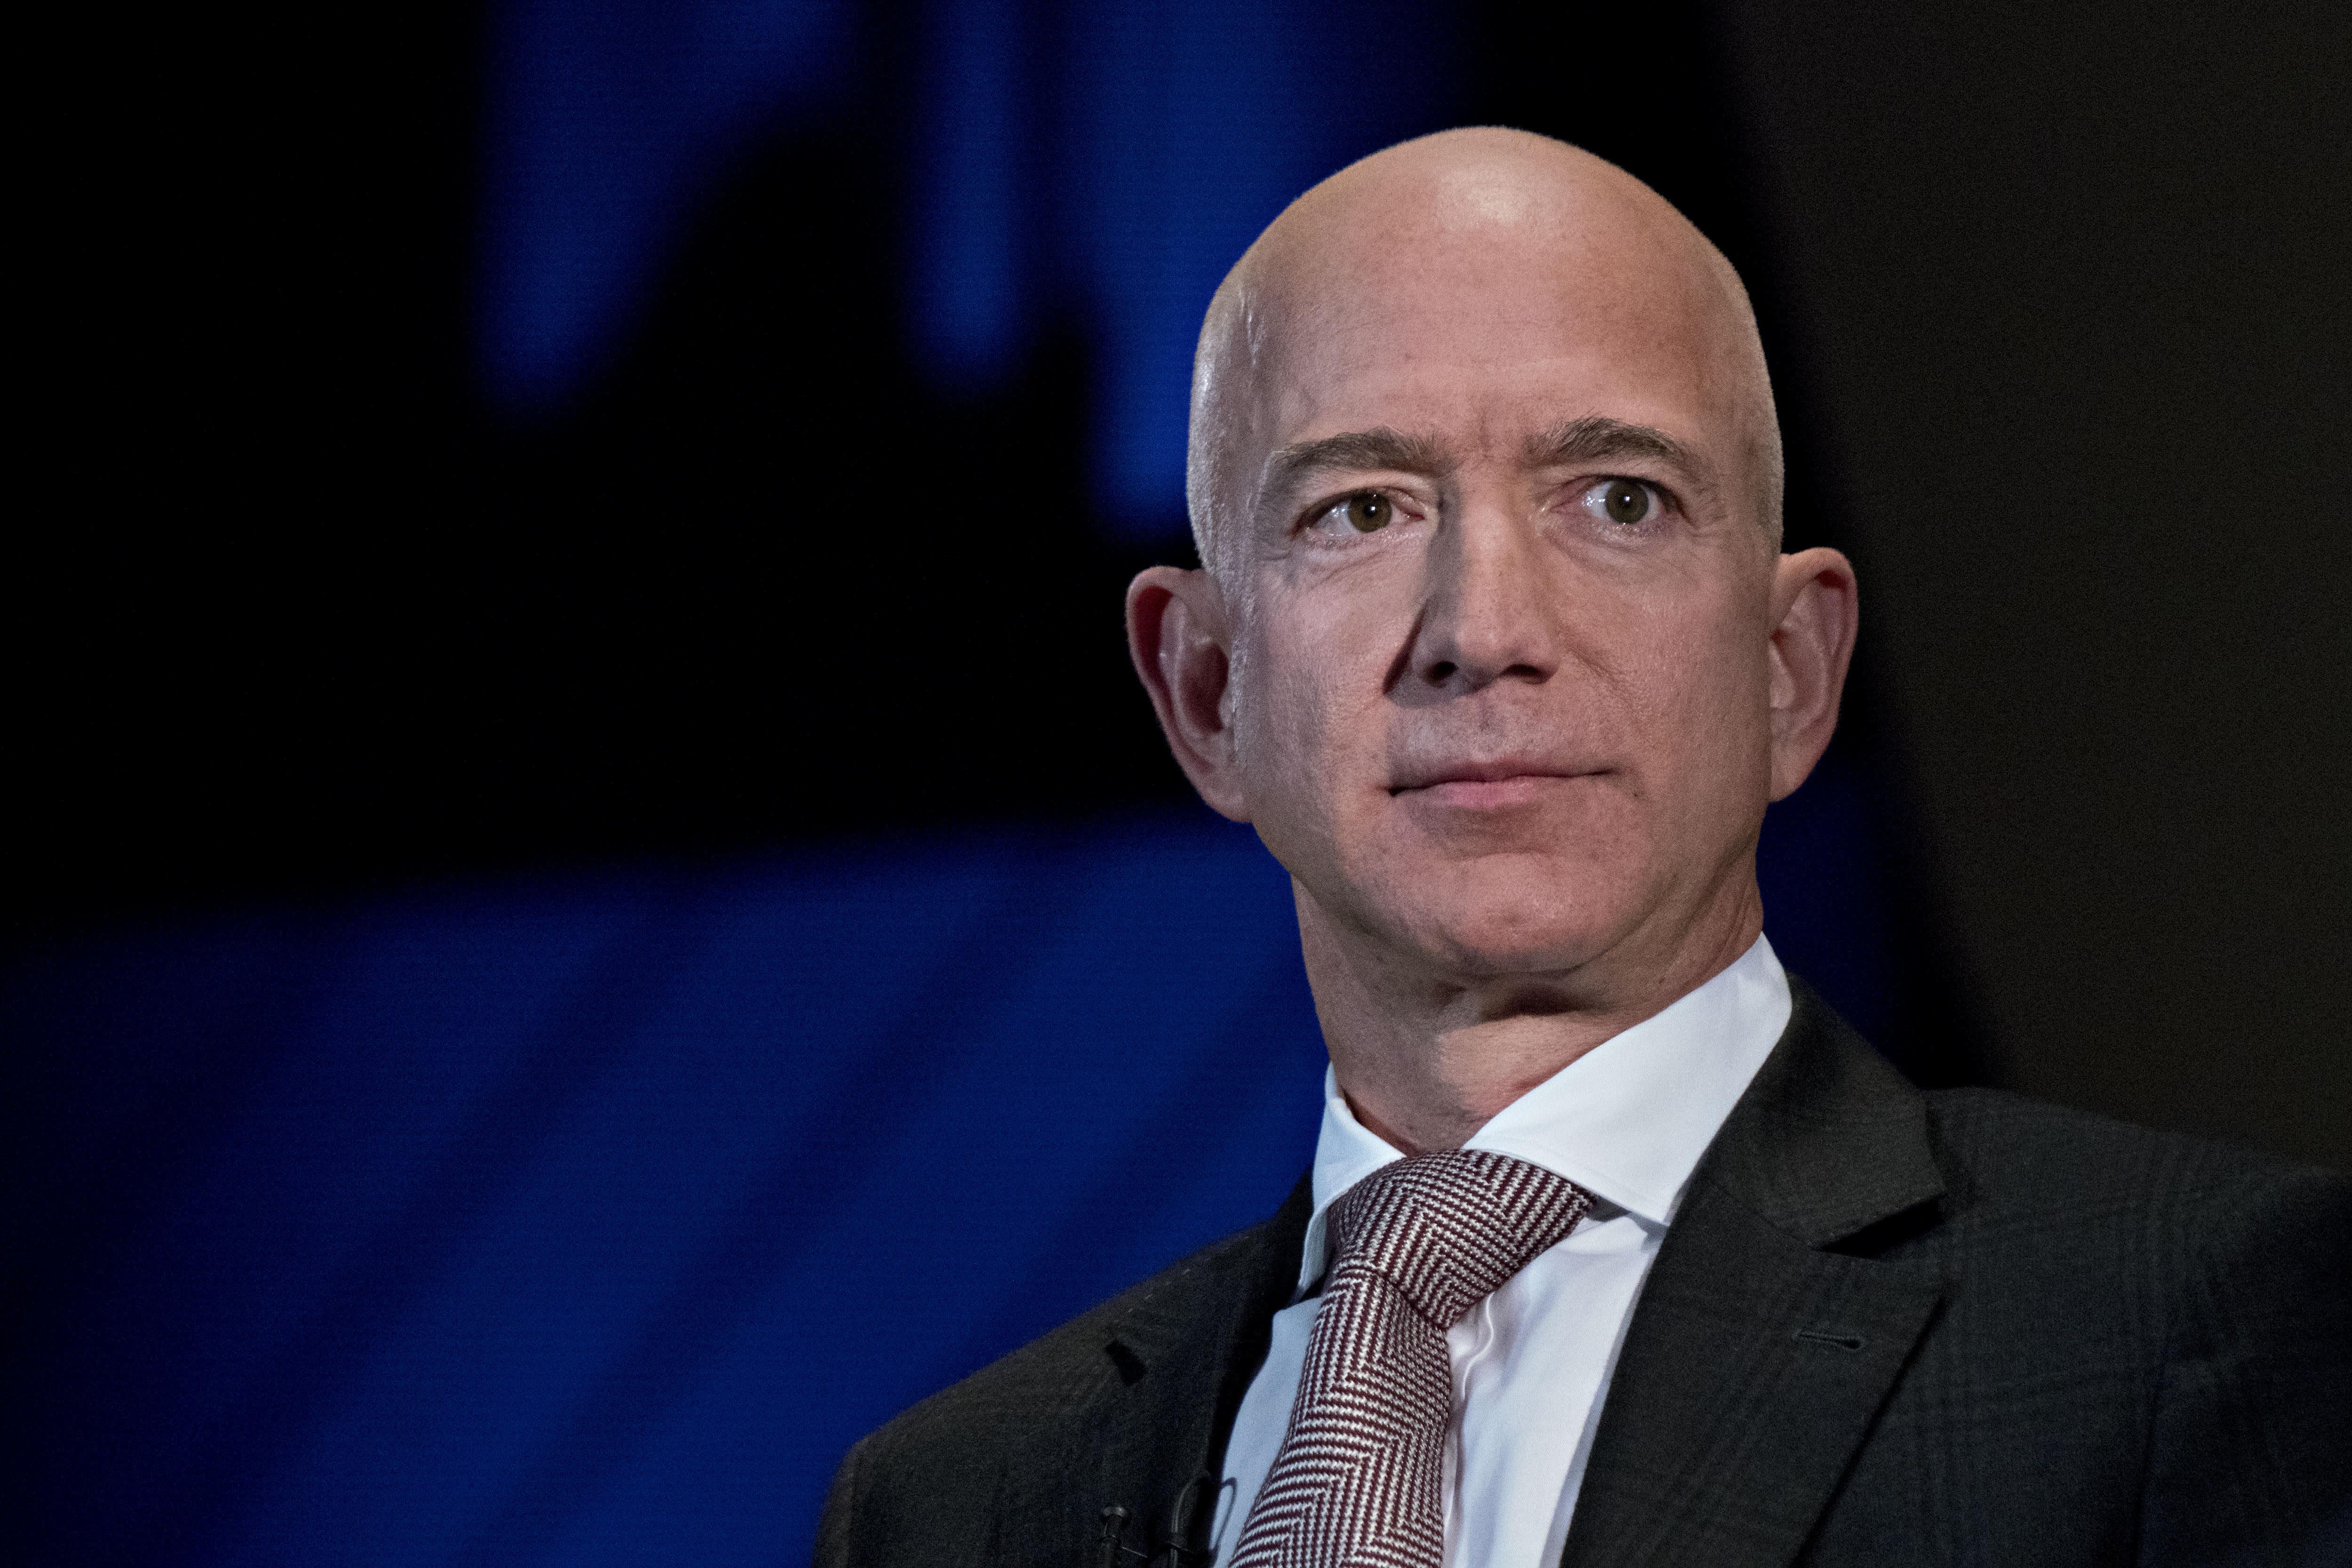 Amazon blames Trump for losing JEDI cloud contract